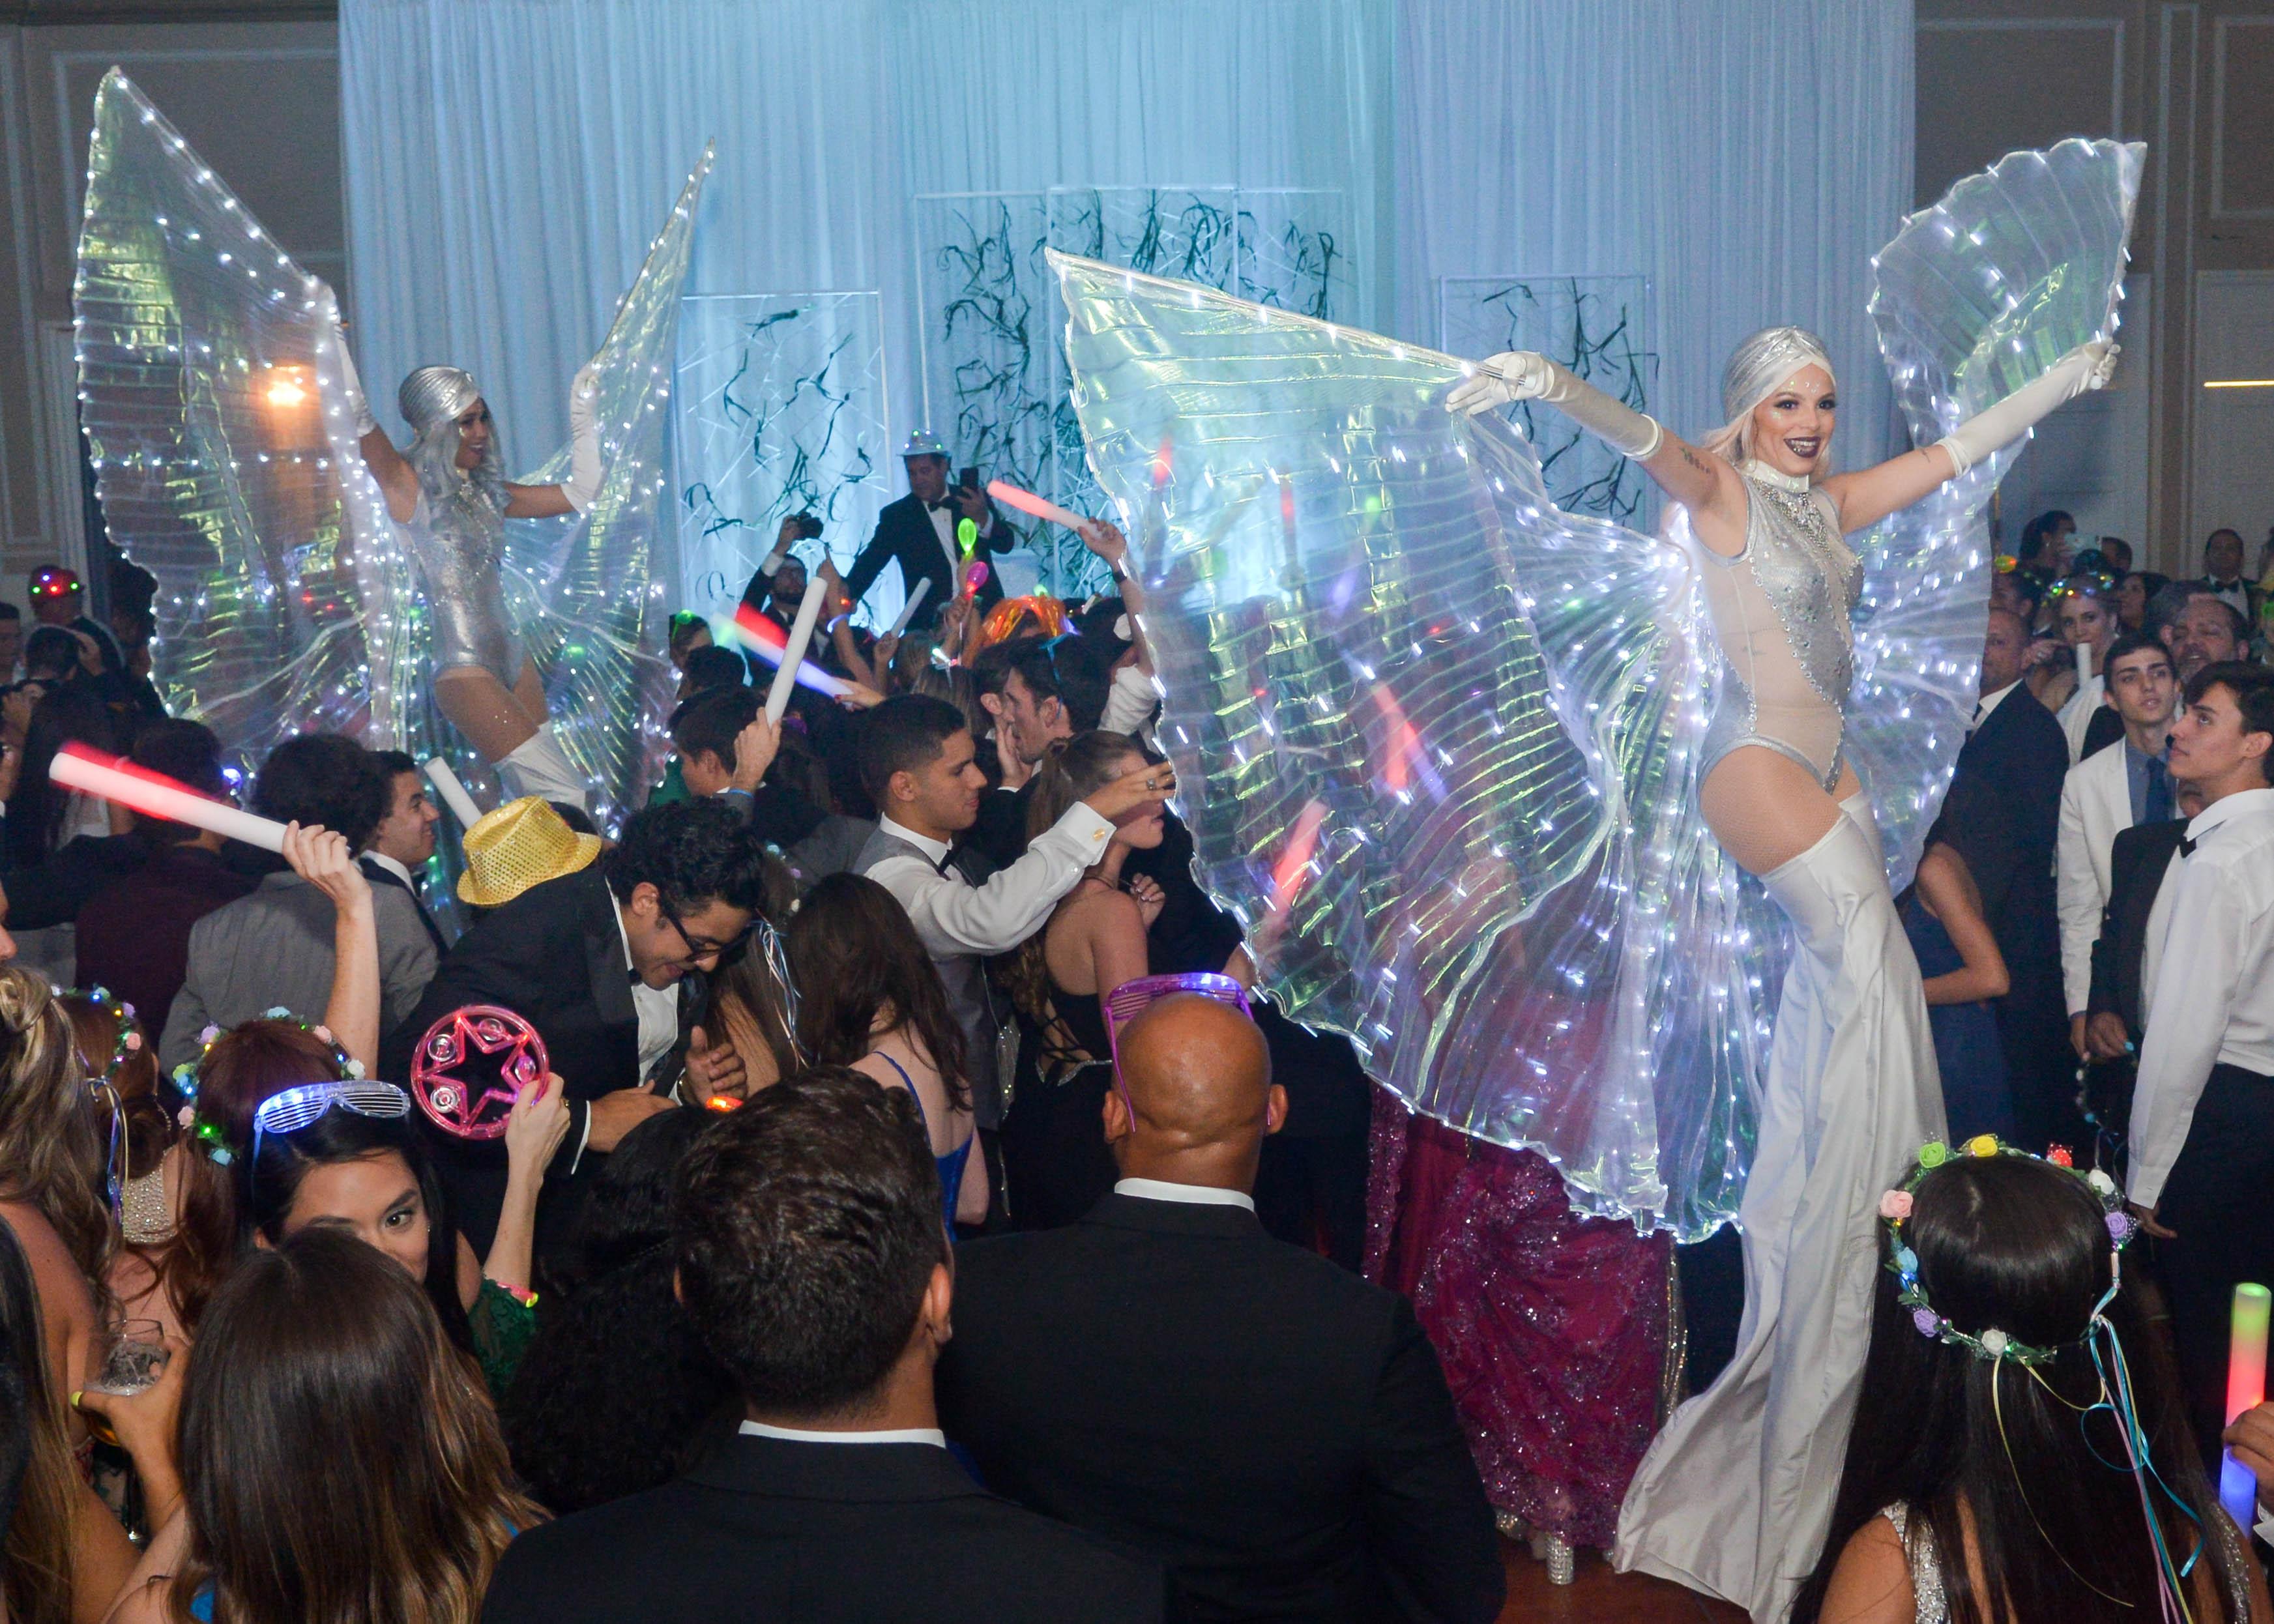 Vista del ambiente festivo carnavalesco en el Senior Prom de Robinson School en El San Juan Hotel. Foto Enid M. Salgado Mercado.